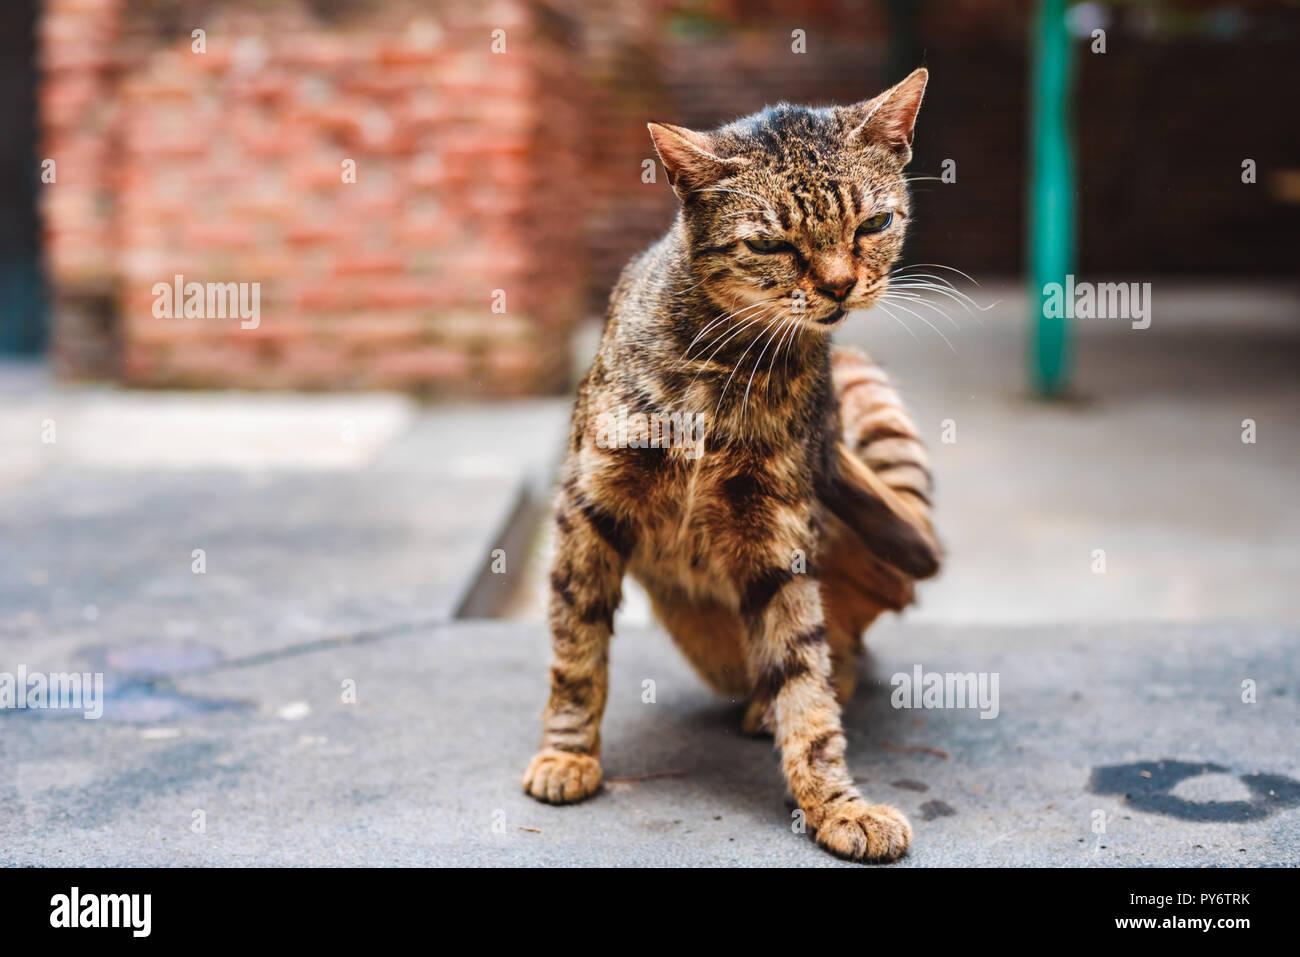 La rue sans-abri cat scratching lui-même dans la cour du monastère Photo Stock